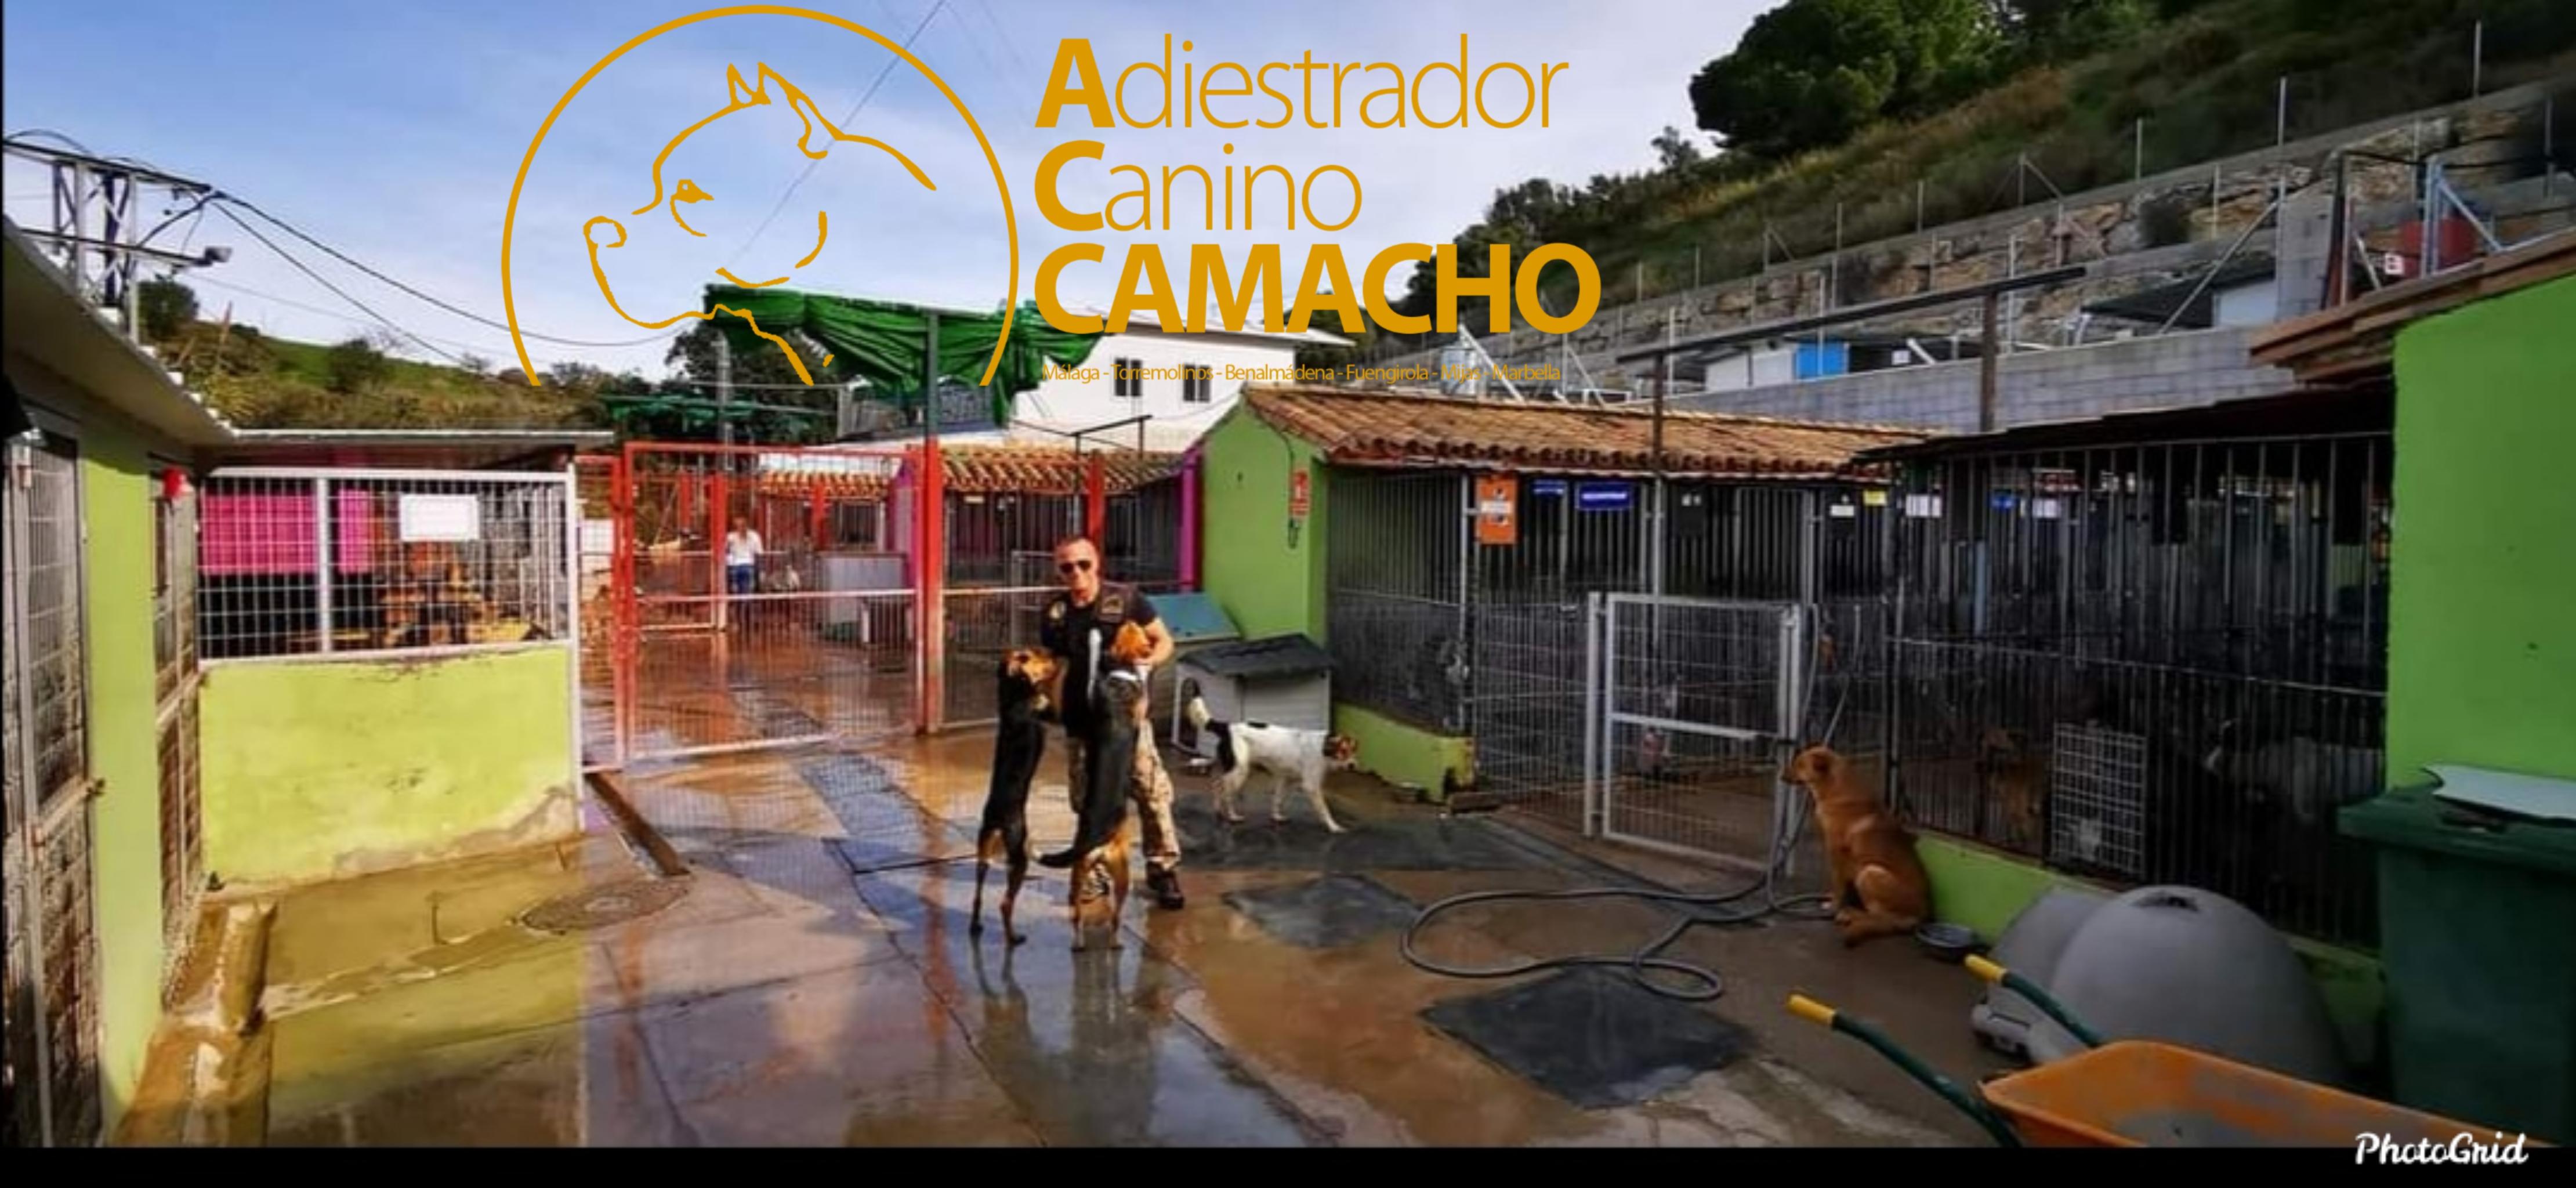 Asesor y Terapeuta en comportamiento canino.   Adiestramiento canino de obediencia básica a domicilio para todas las razas y edades.  Adiestramiento de modificación de conducta, ansiedad por separación, agresividad entre perros y/o seres humanos, etc.  Adiestramiento de guarda, protección y defensa.  Adiestramiento canino en residencia, obediencia básica, educación canina, problemas de comportamiento, modificación de conducta, perro para guarda y protección, etc.  Adiestramiento canino en grupo de obediencia básica y problemas de comportamiento.  Consultas a domicilio.  Residencia canina.  Adiestramiento canino para: Fuengirola, Mijas, Torremolinos, Benalmádena, Marbella y todo la provincia de Málaga.   Para más información y referencias sobre nosotros puedes visitar nuestra página web:Www.adiestrarperrosmalaga.com   FACEBOOK : Adiestrador Canino Camacho Instagram: Camacho_Adiestrador Para más información llamar al móvil: 671-71-96-36